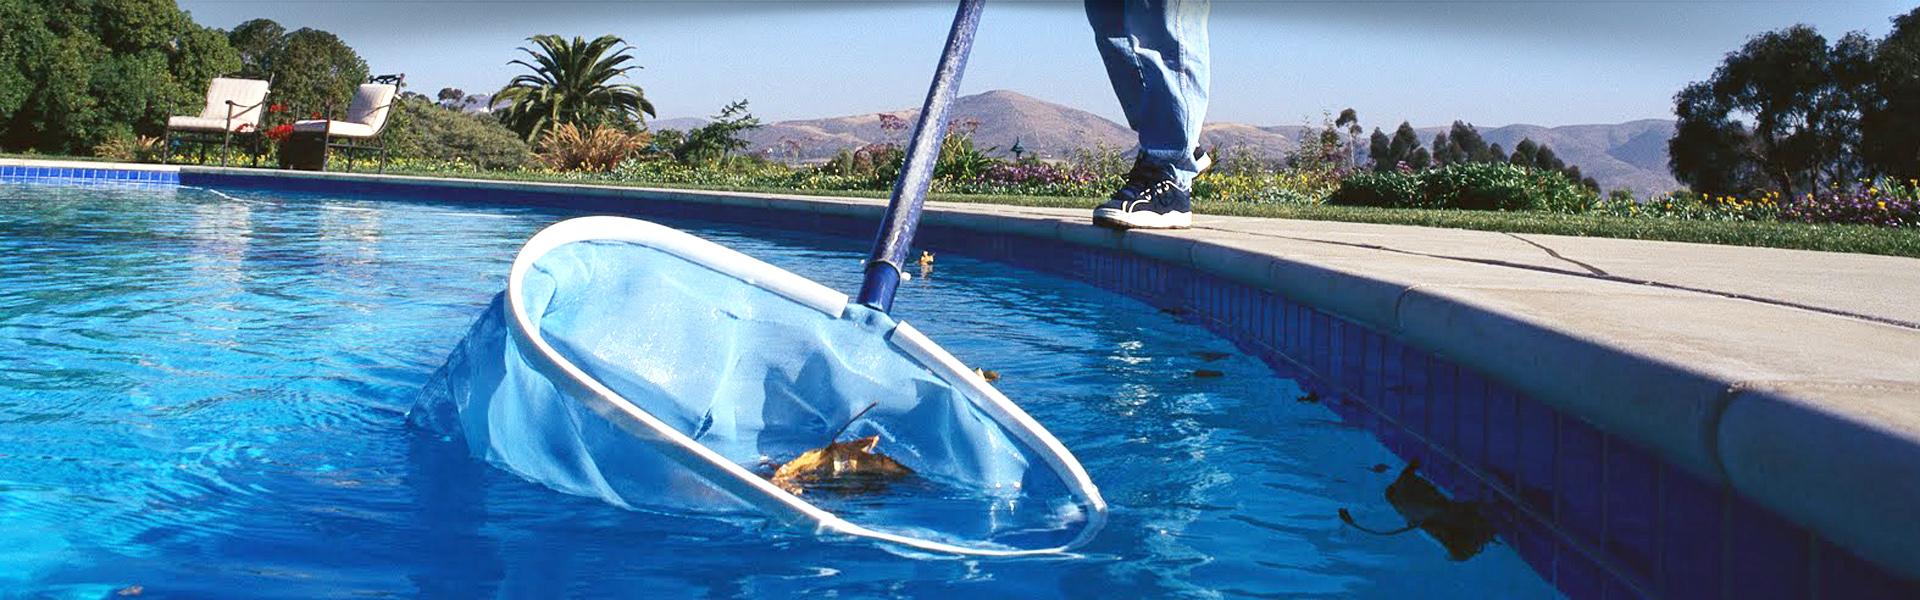 Grupo serman mantenimiento y servicios responsables for Empresas que construyen piscinas